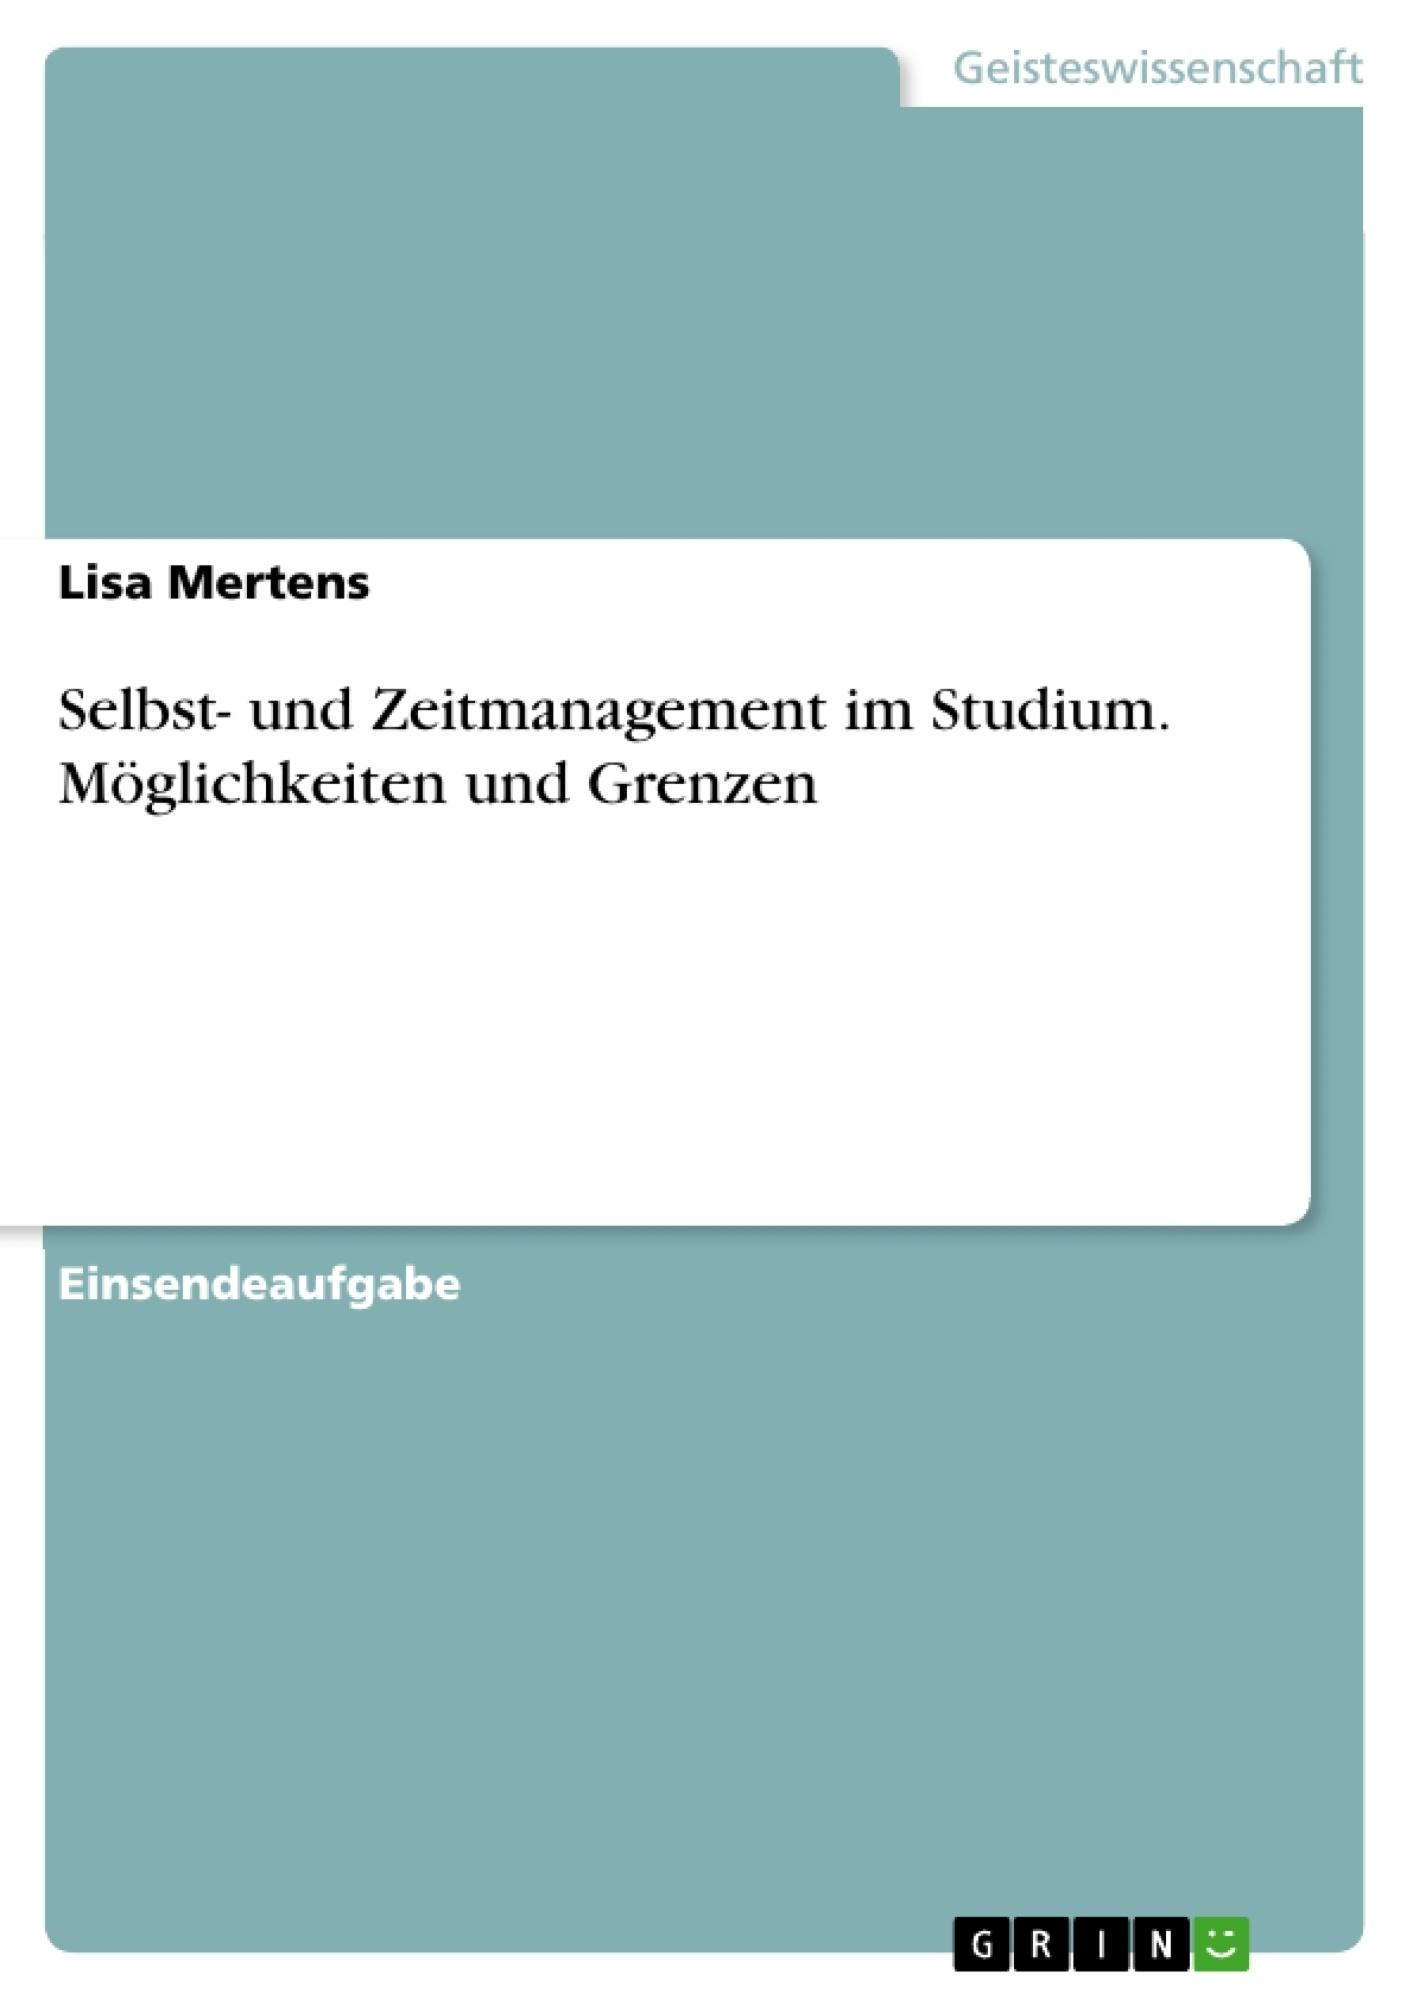 Titel: Selbst- und Zeitmanagement im Studium. Möglichkeiten und Grenzen